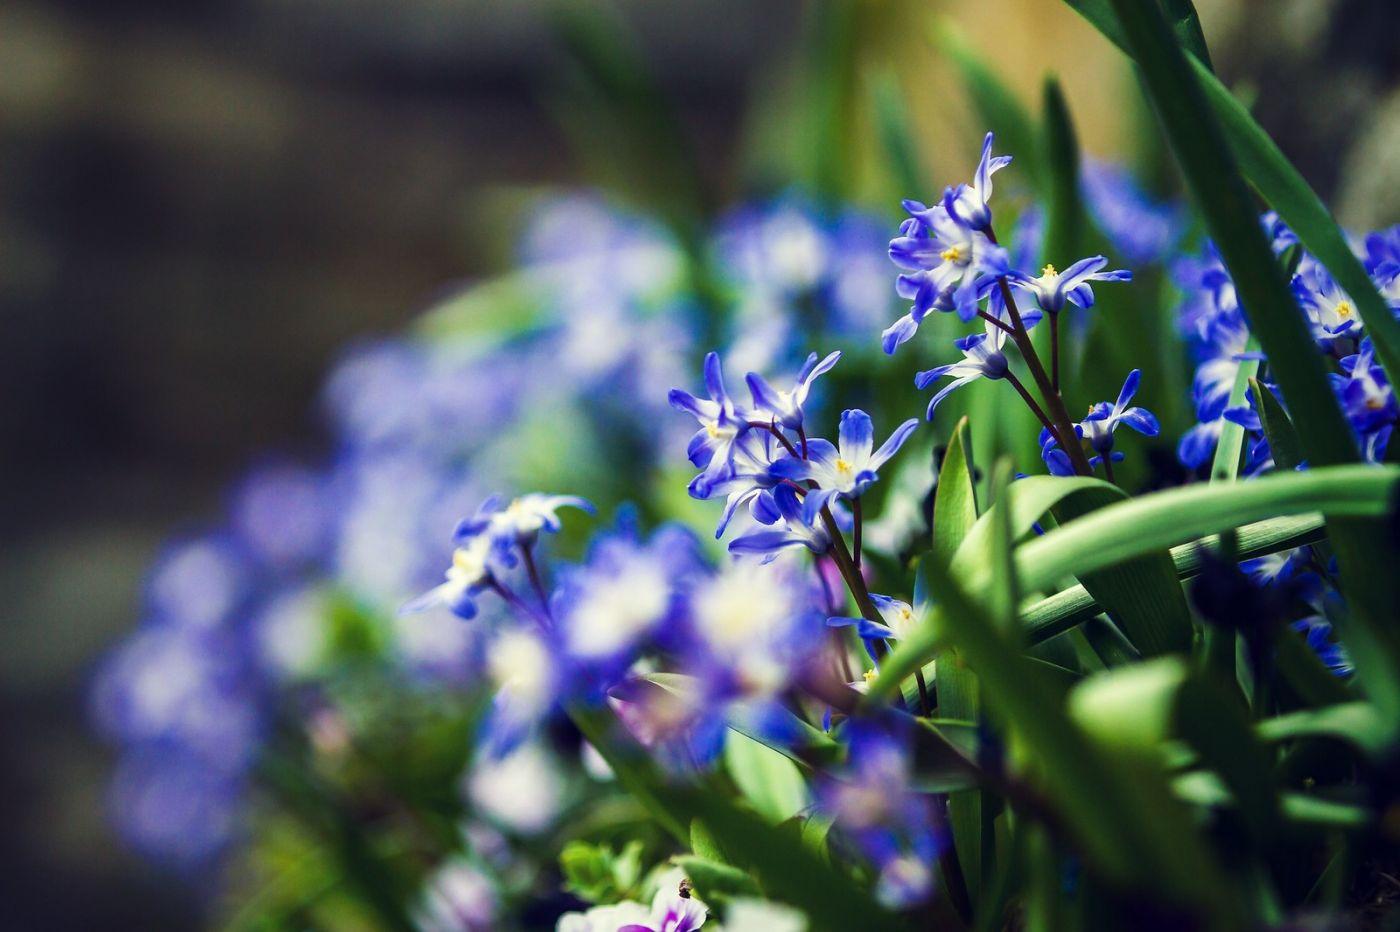 初春的脚步_图1-5